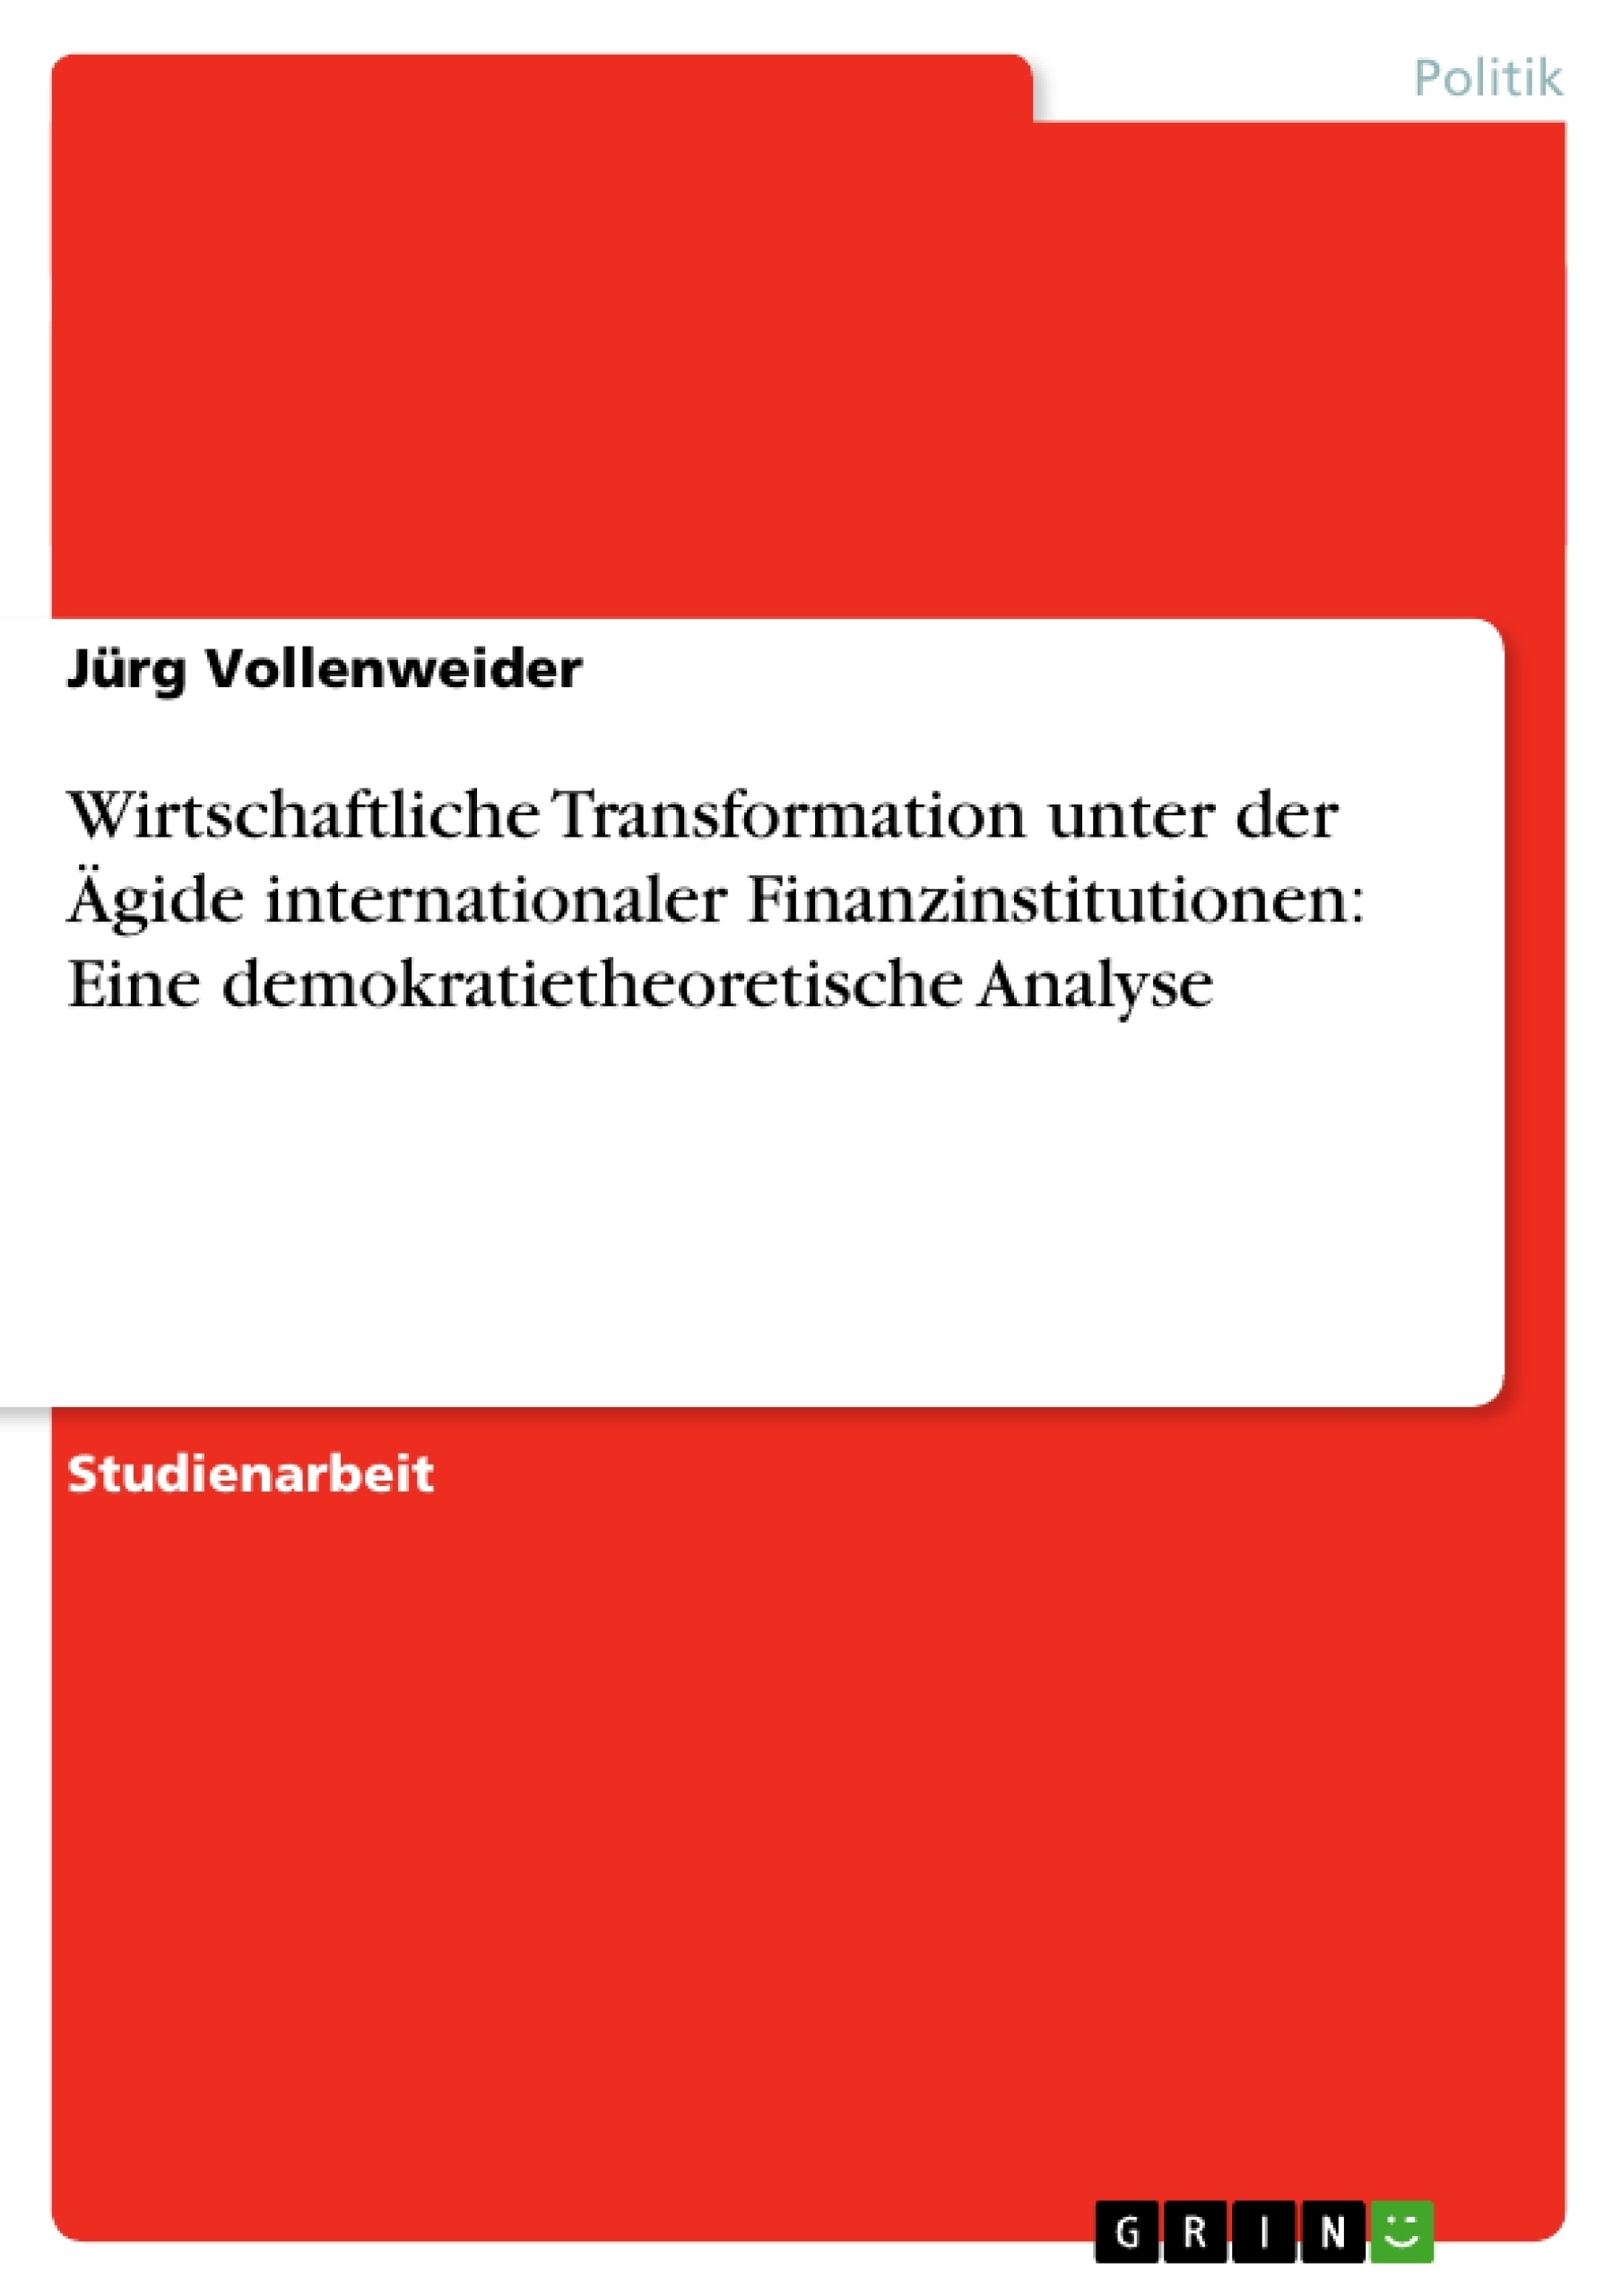 Titel: Wirtschaftliche Transformation unter der  Ägide internationaler Finanzinstitutionen: Eine demokratietheoretische Analyse